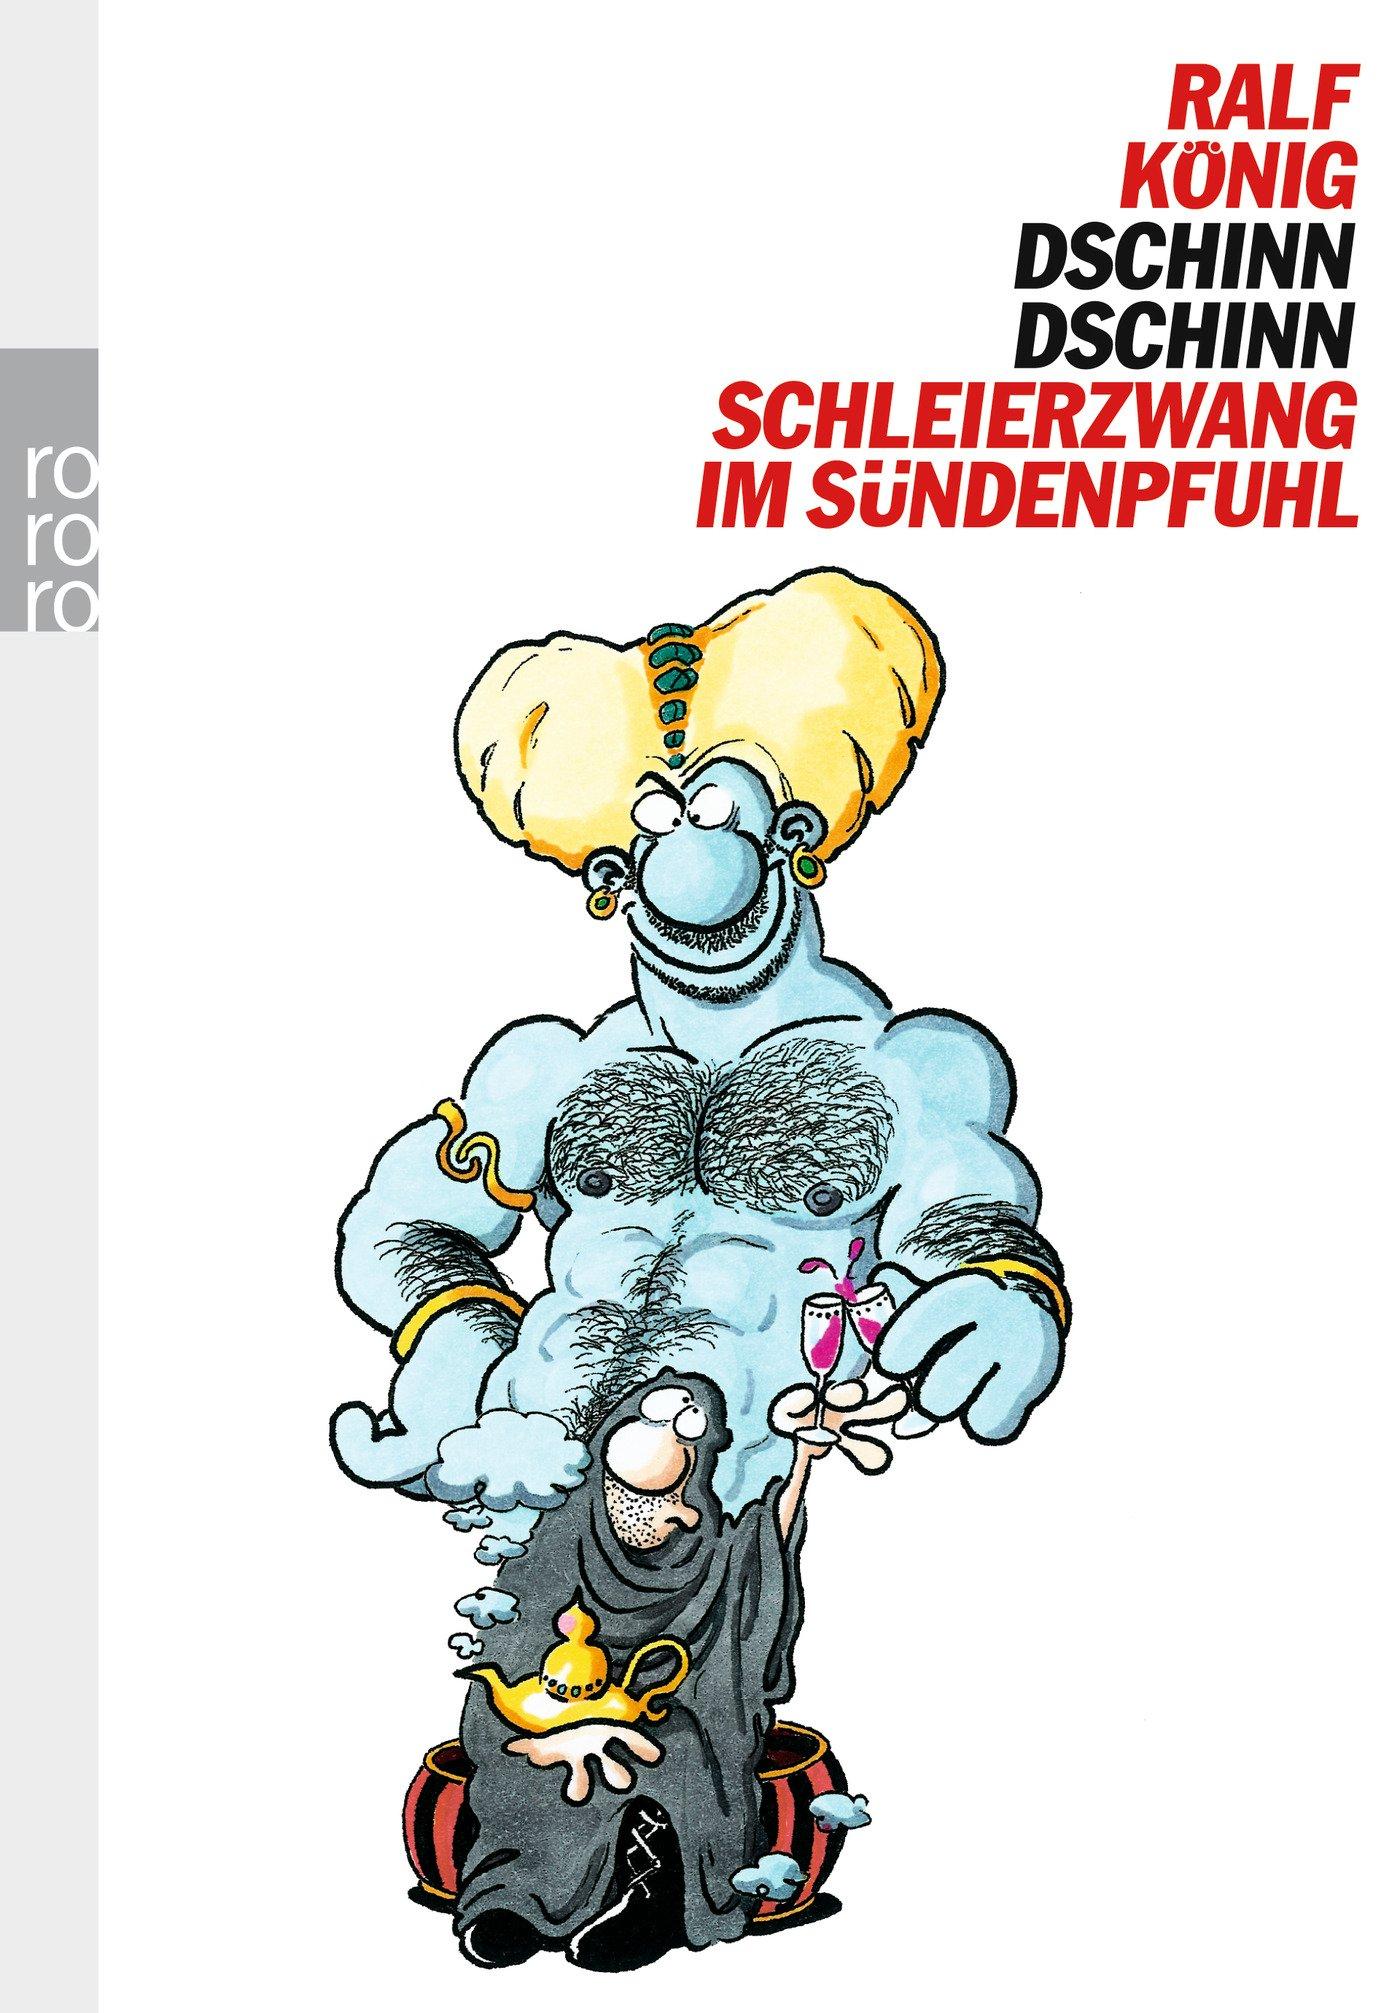 Schleierzwang im Sündenpfuhl (Dschinn Dschinn, Band 2)